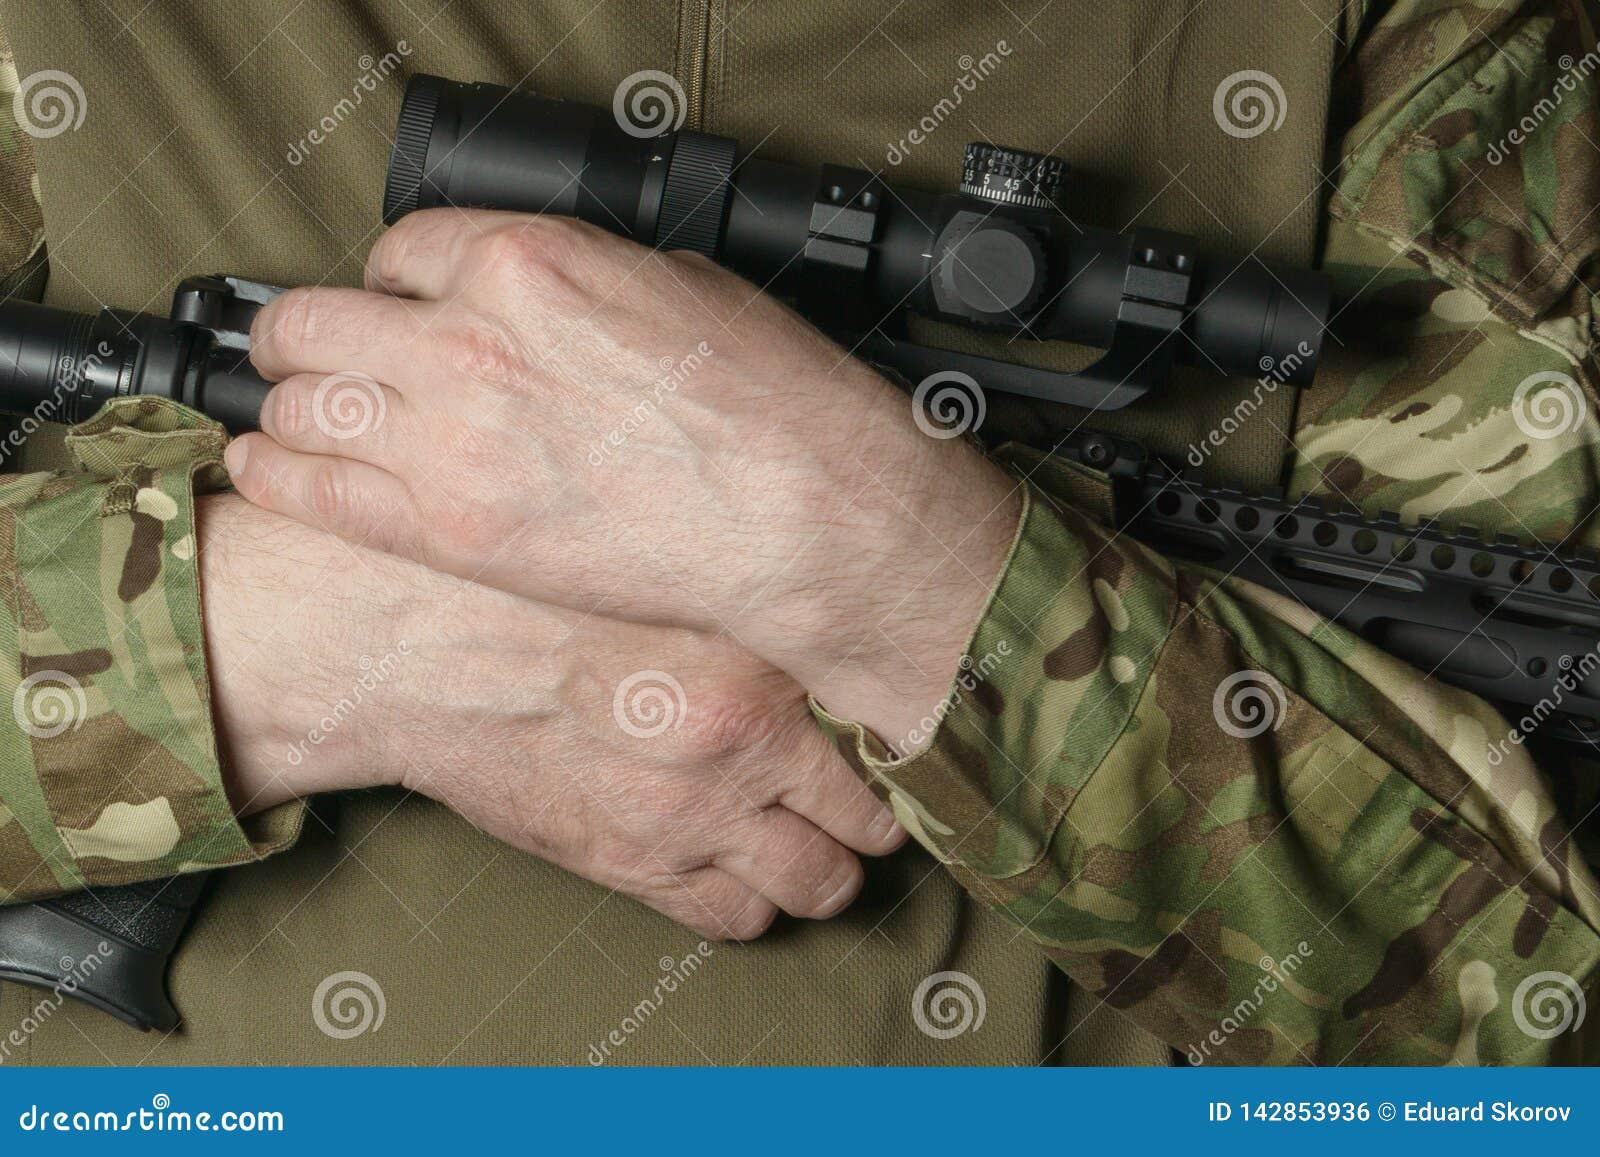 Las manos del soldado en camuflaje sostener un rifle